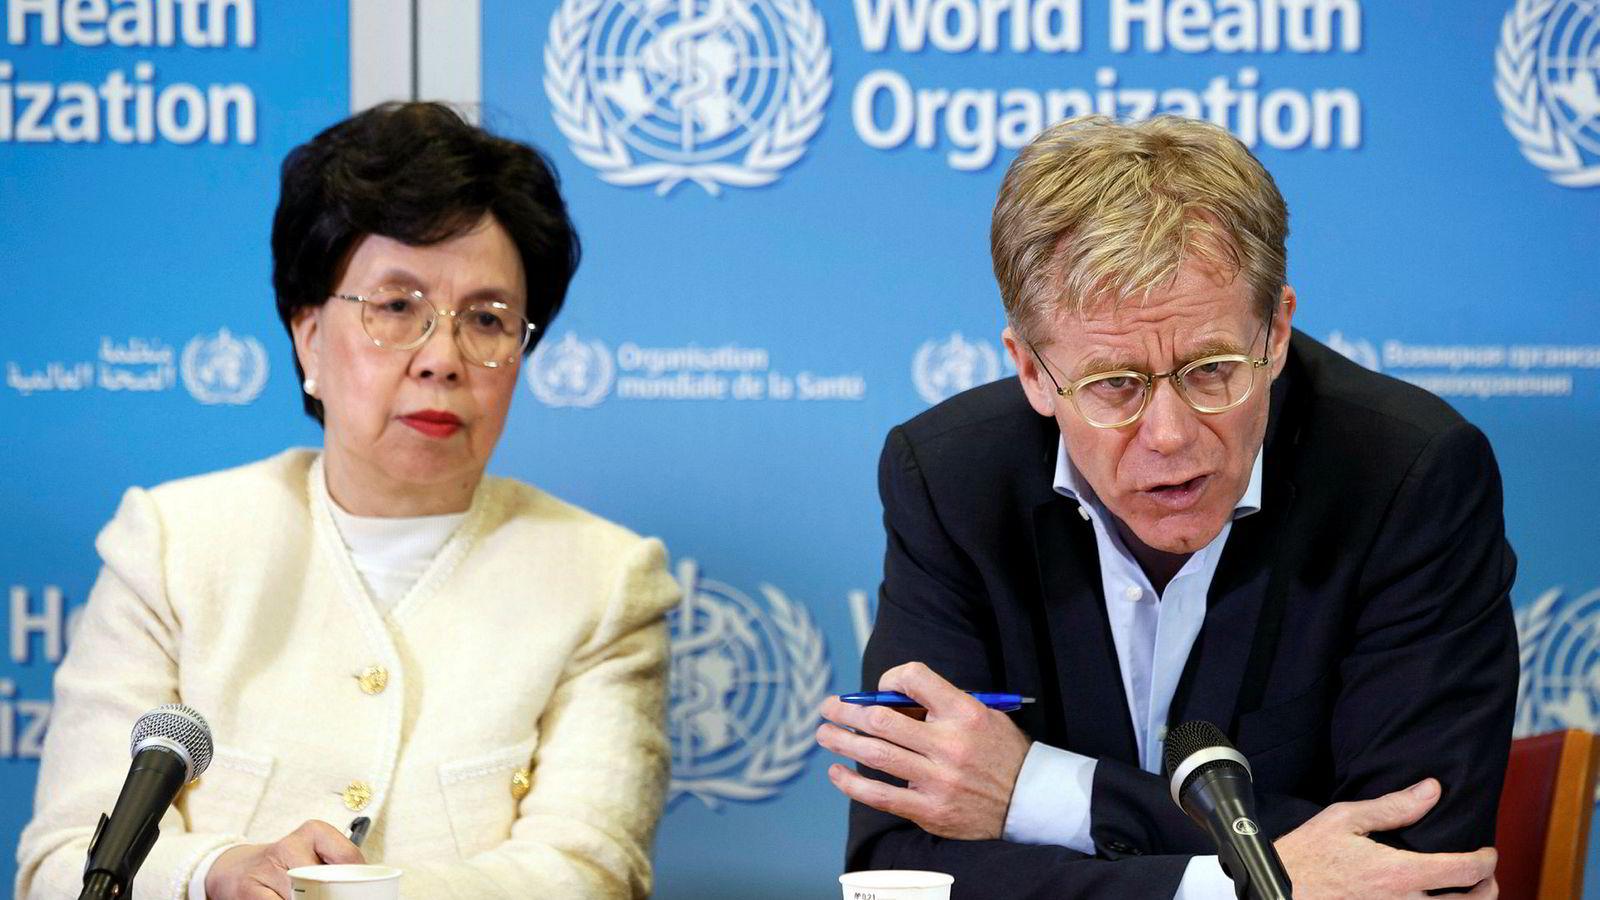 WHO og WHO-sjef Margaret Chan kritiseres for høye reisekostnader. WHO-direktør Bruce Aylward ( til høyre) slipper heller ikke unna kritikken.